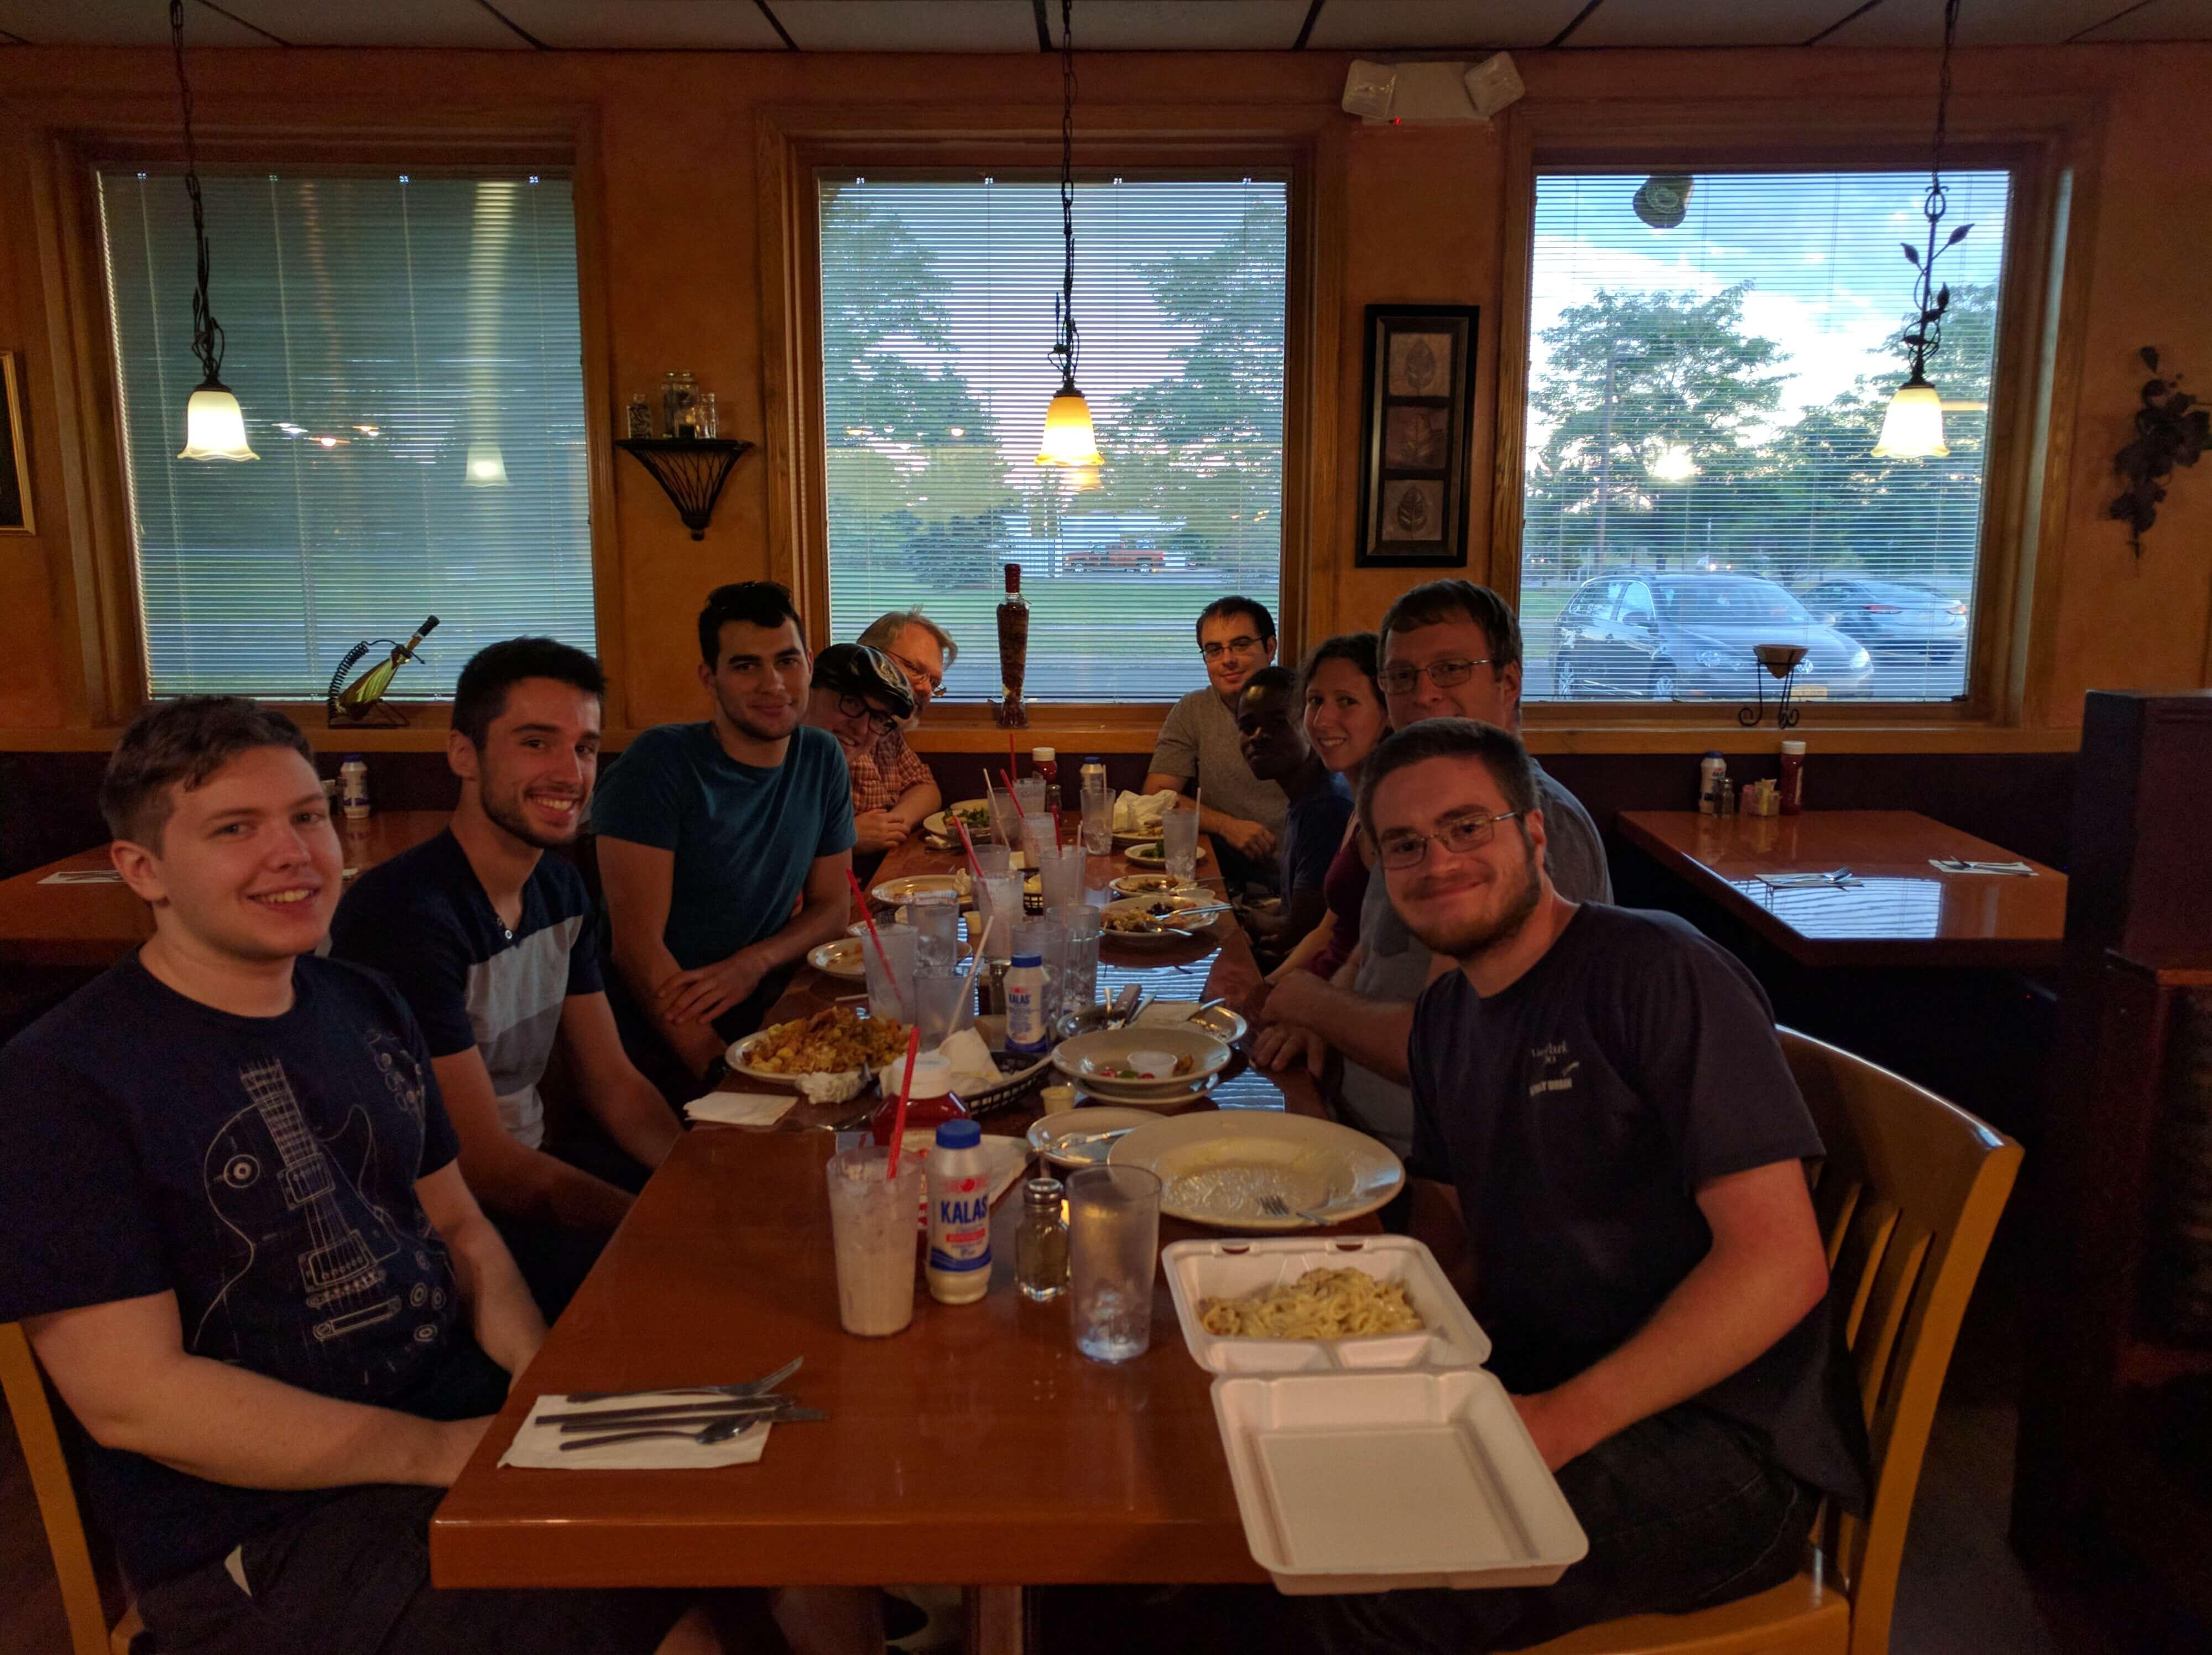 6-Family dinner